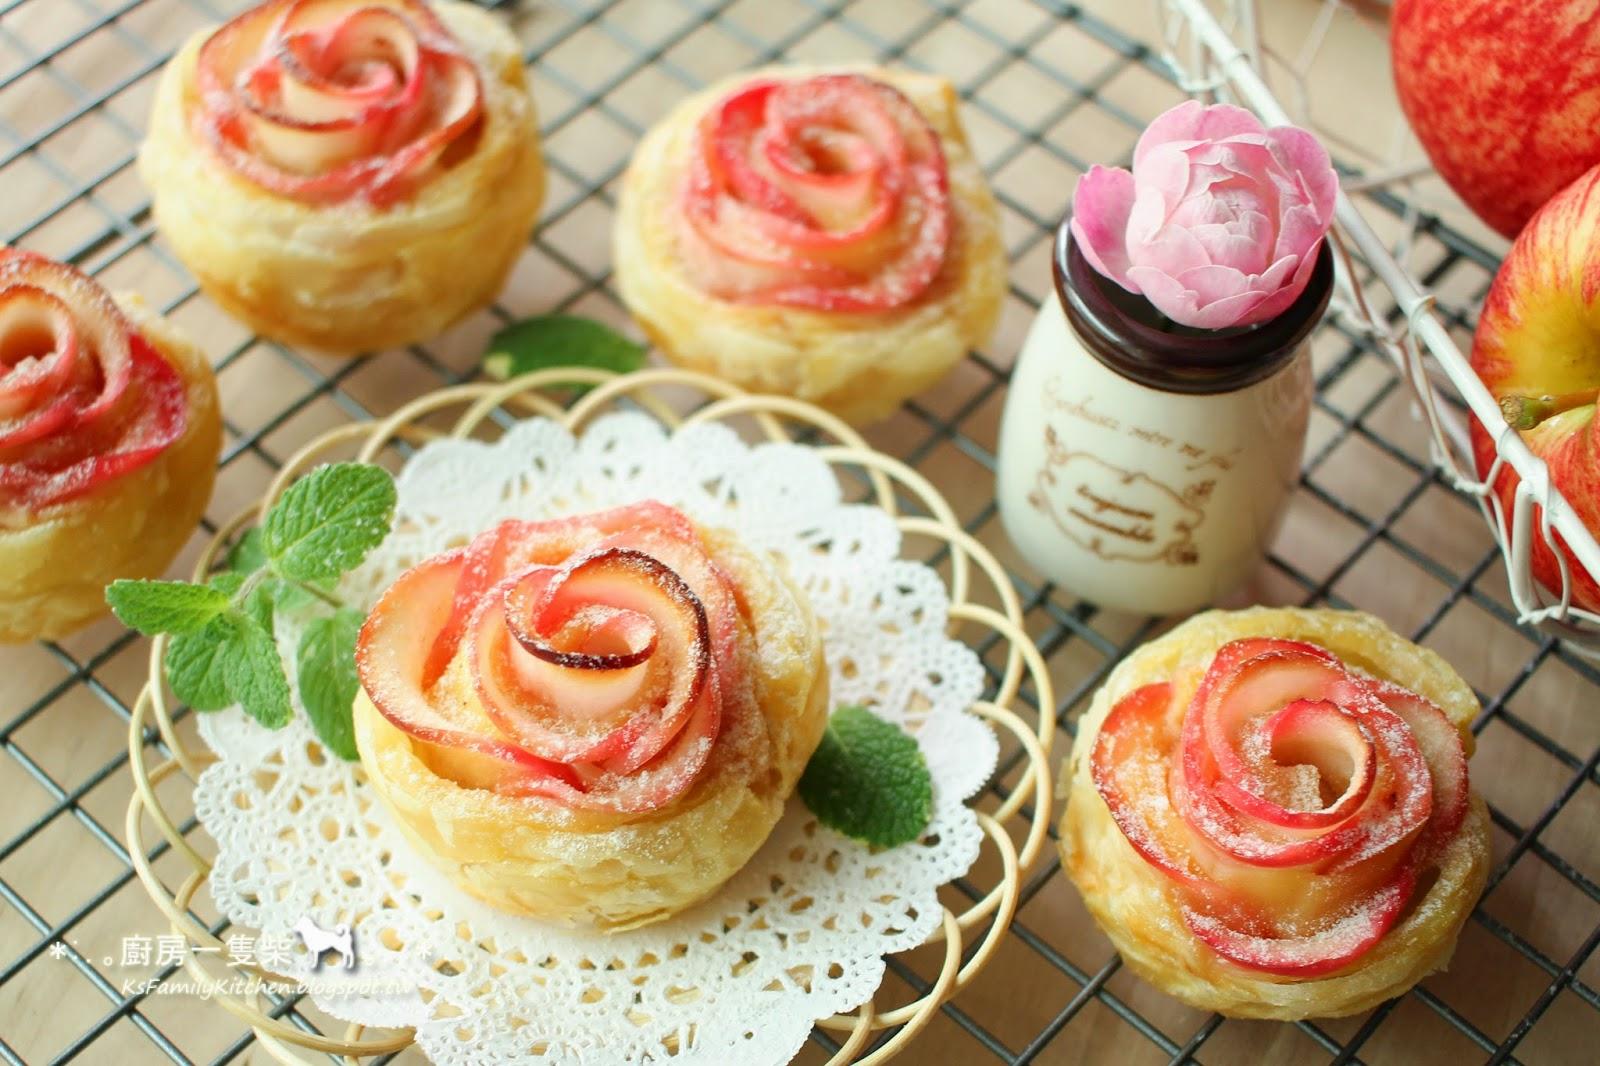 【烘焙玩甜點】酥皮蘋果玫瑰花捲